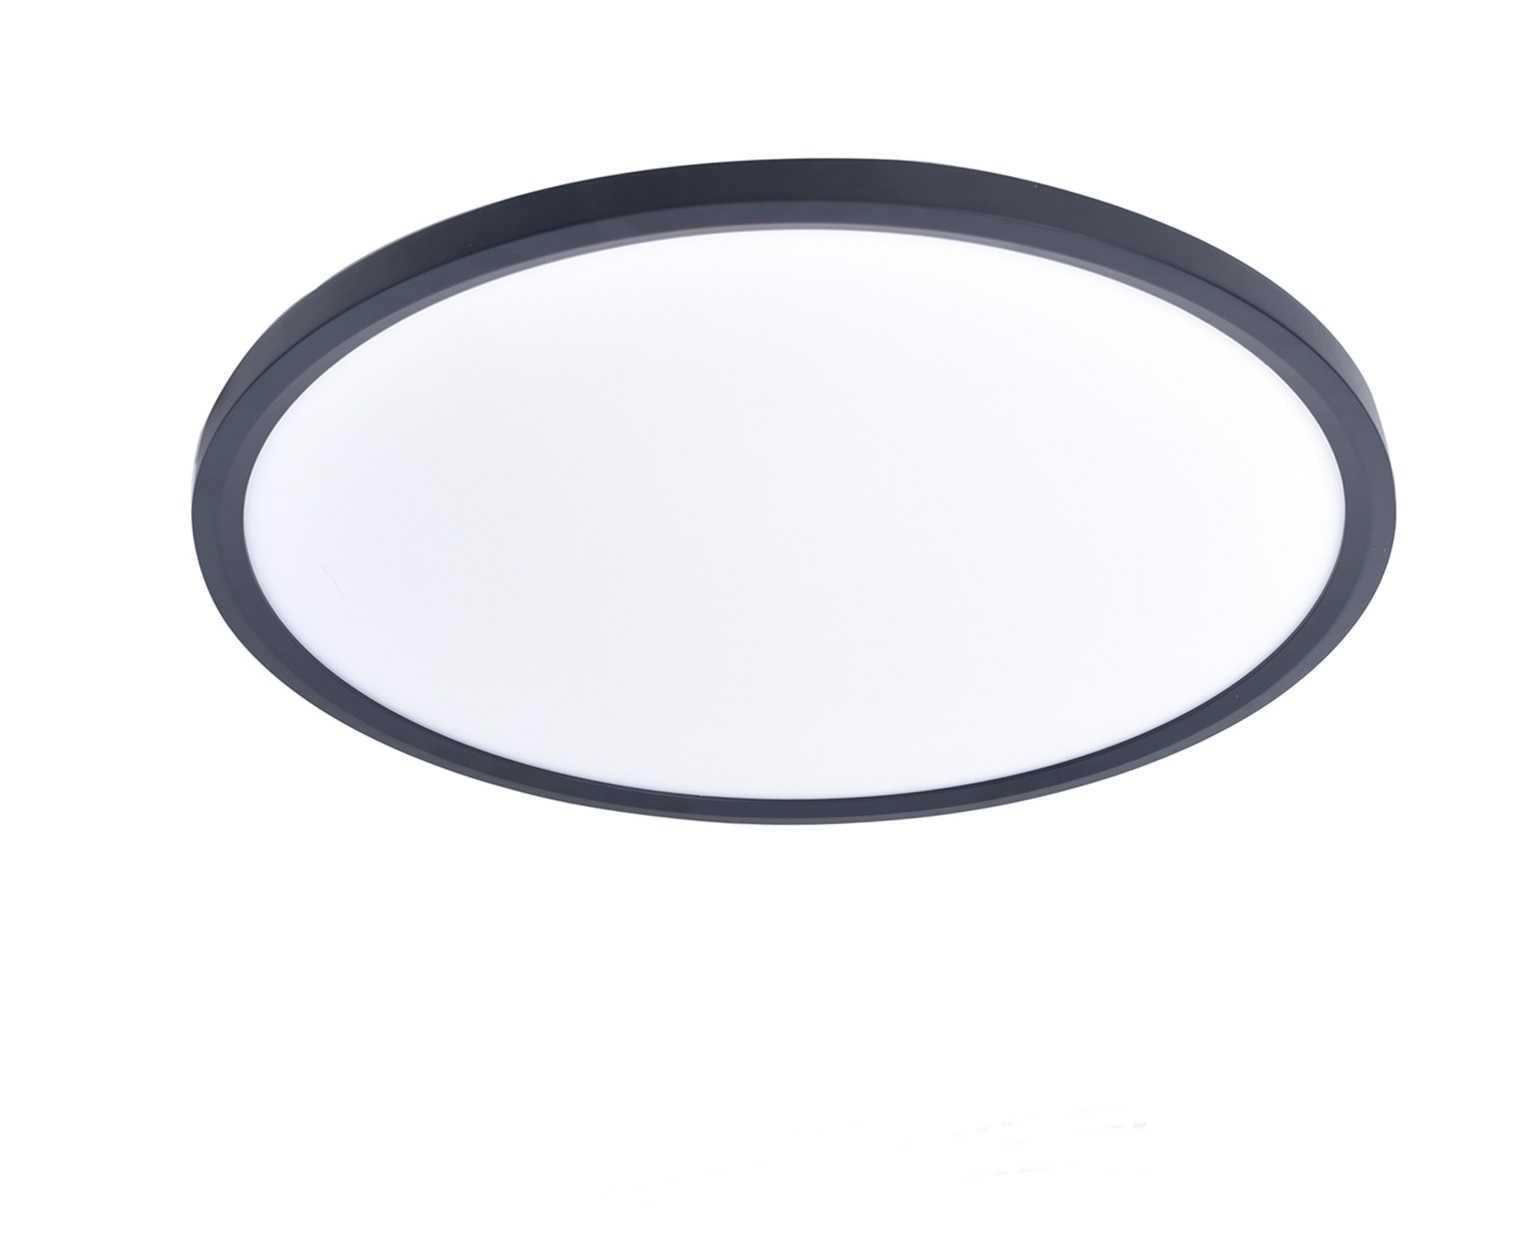 טוב מאוד גוף תאורה צמוד תקרה דגם רחפת שחור (5 מידות) - ברק תאורה PL-06